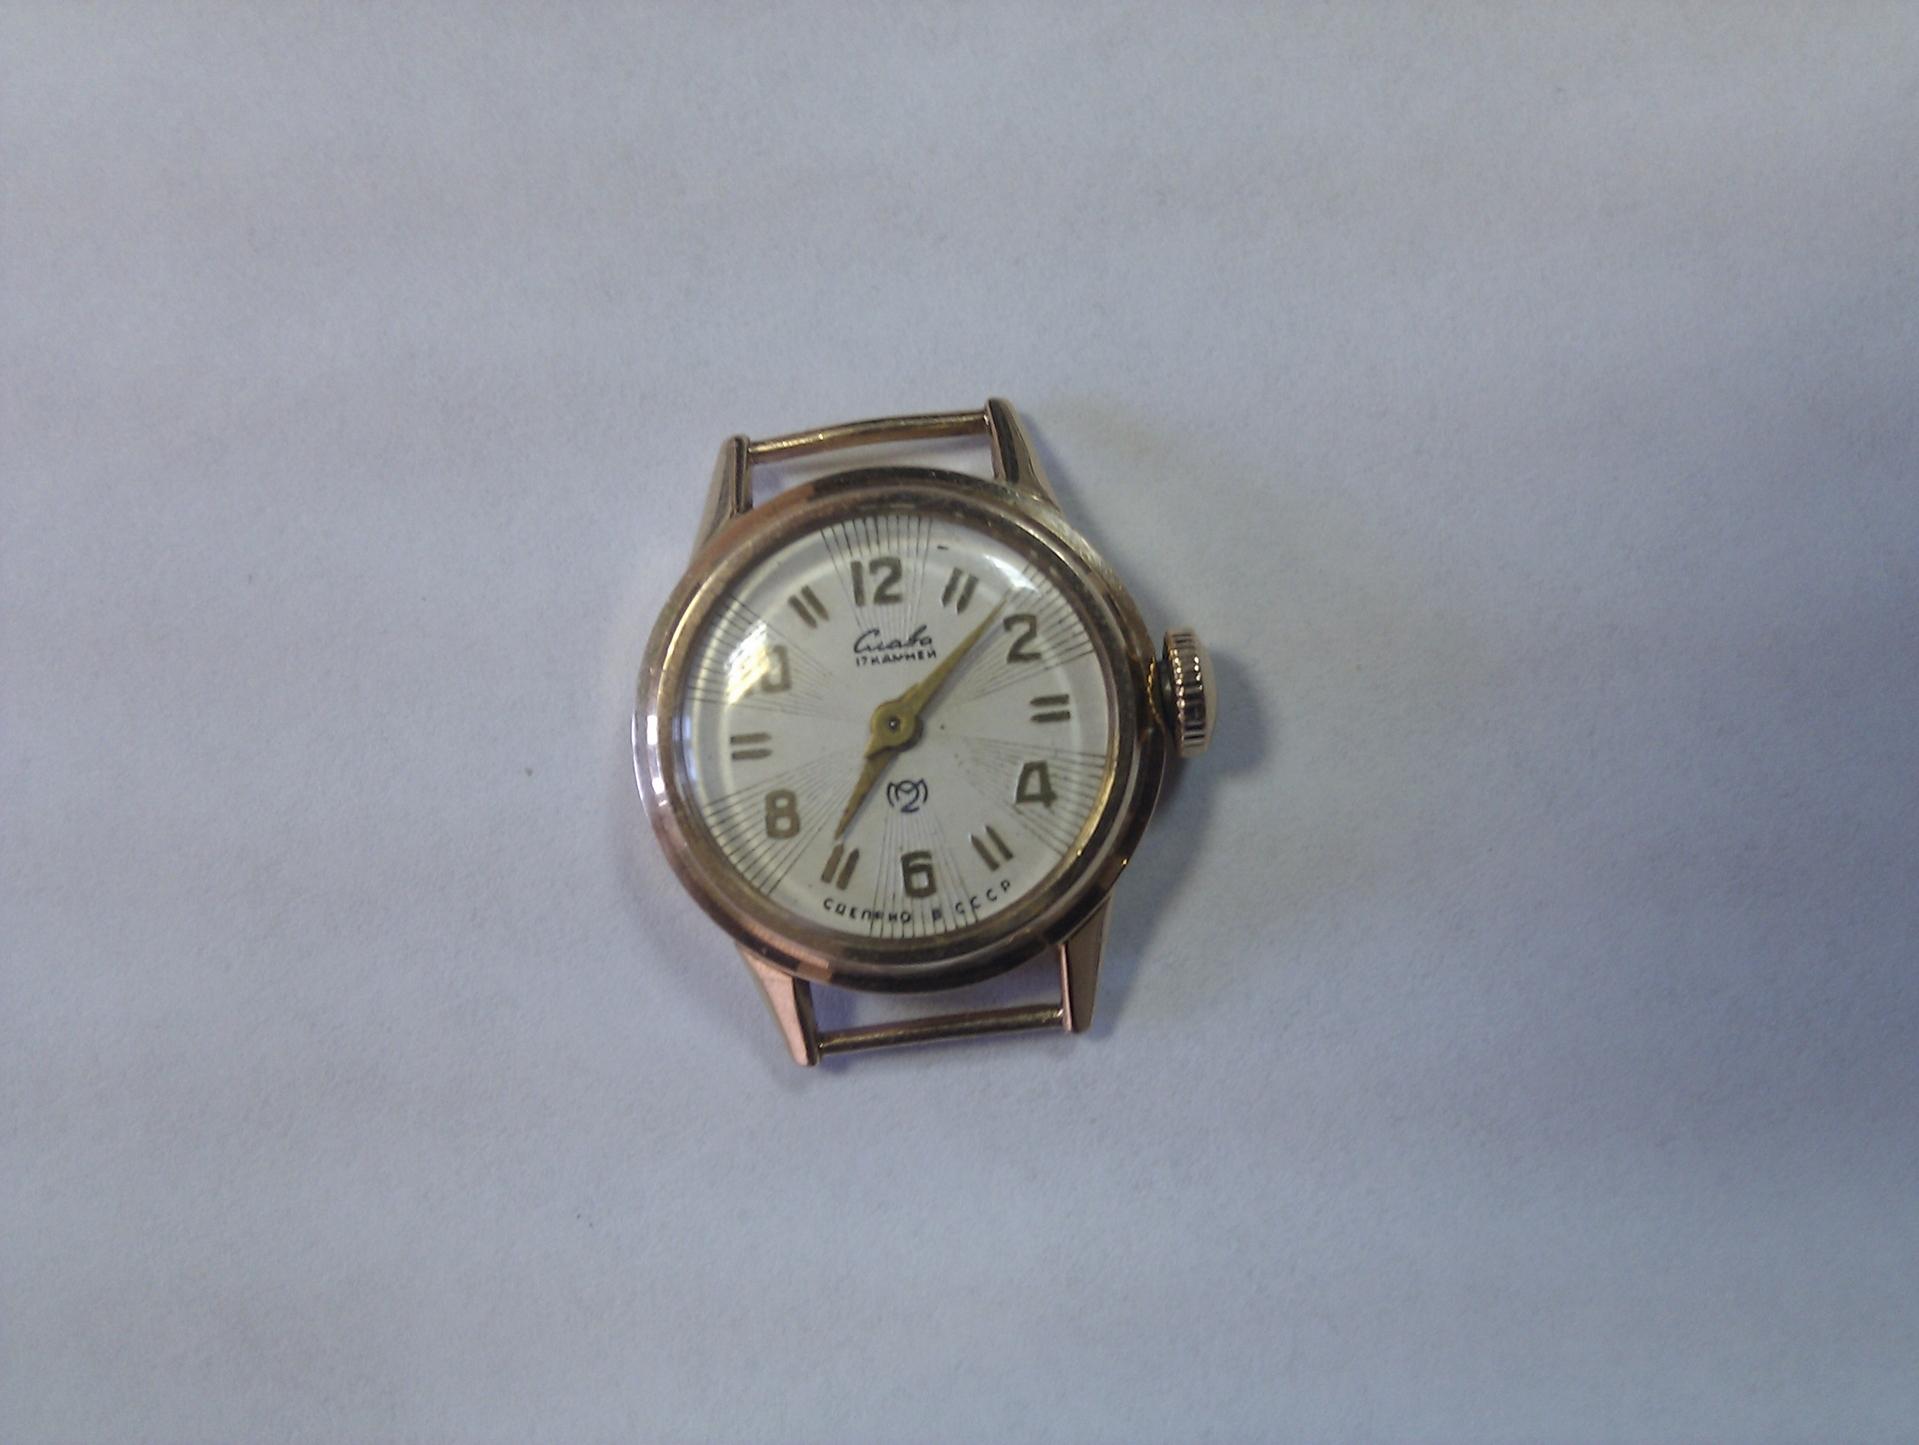 Слава за продать сколько можно часы ориент продать часы